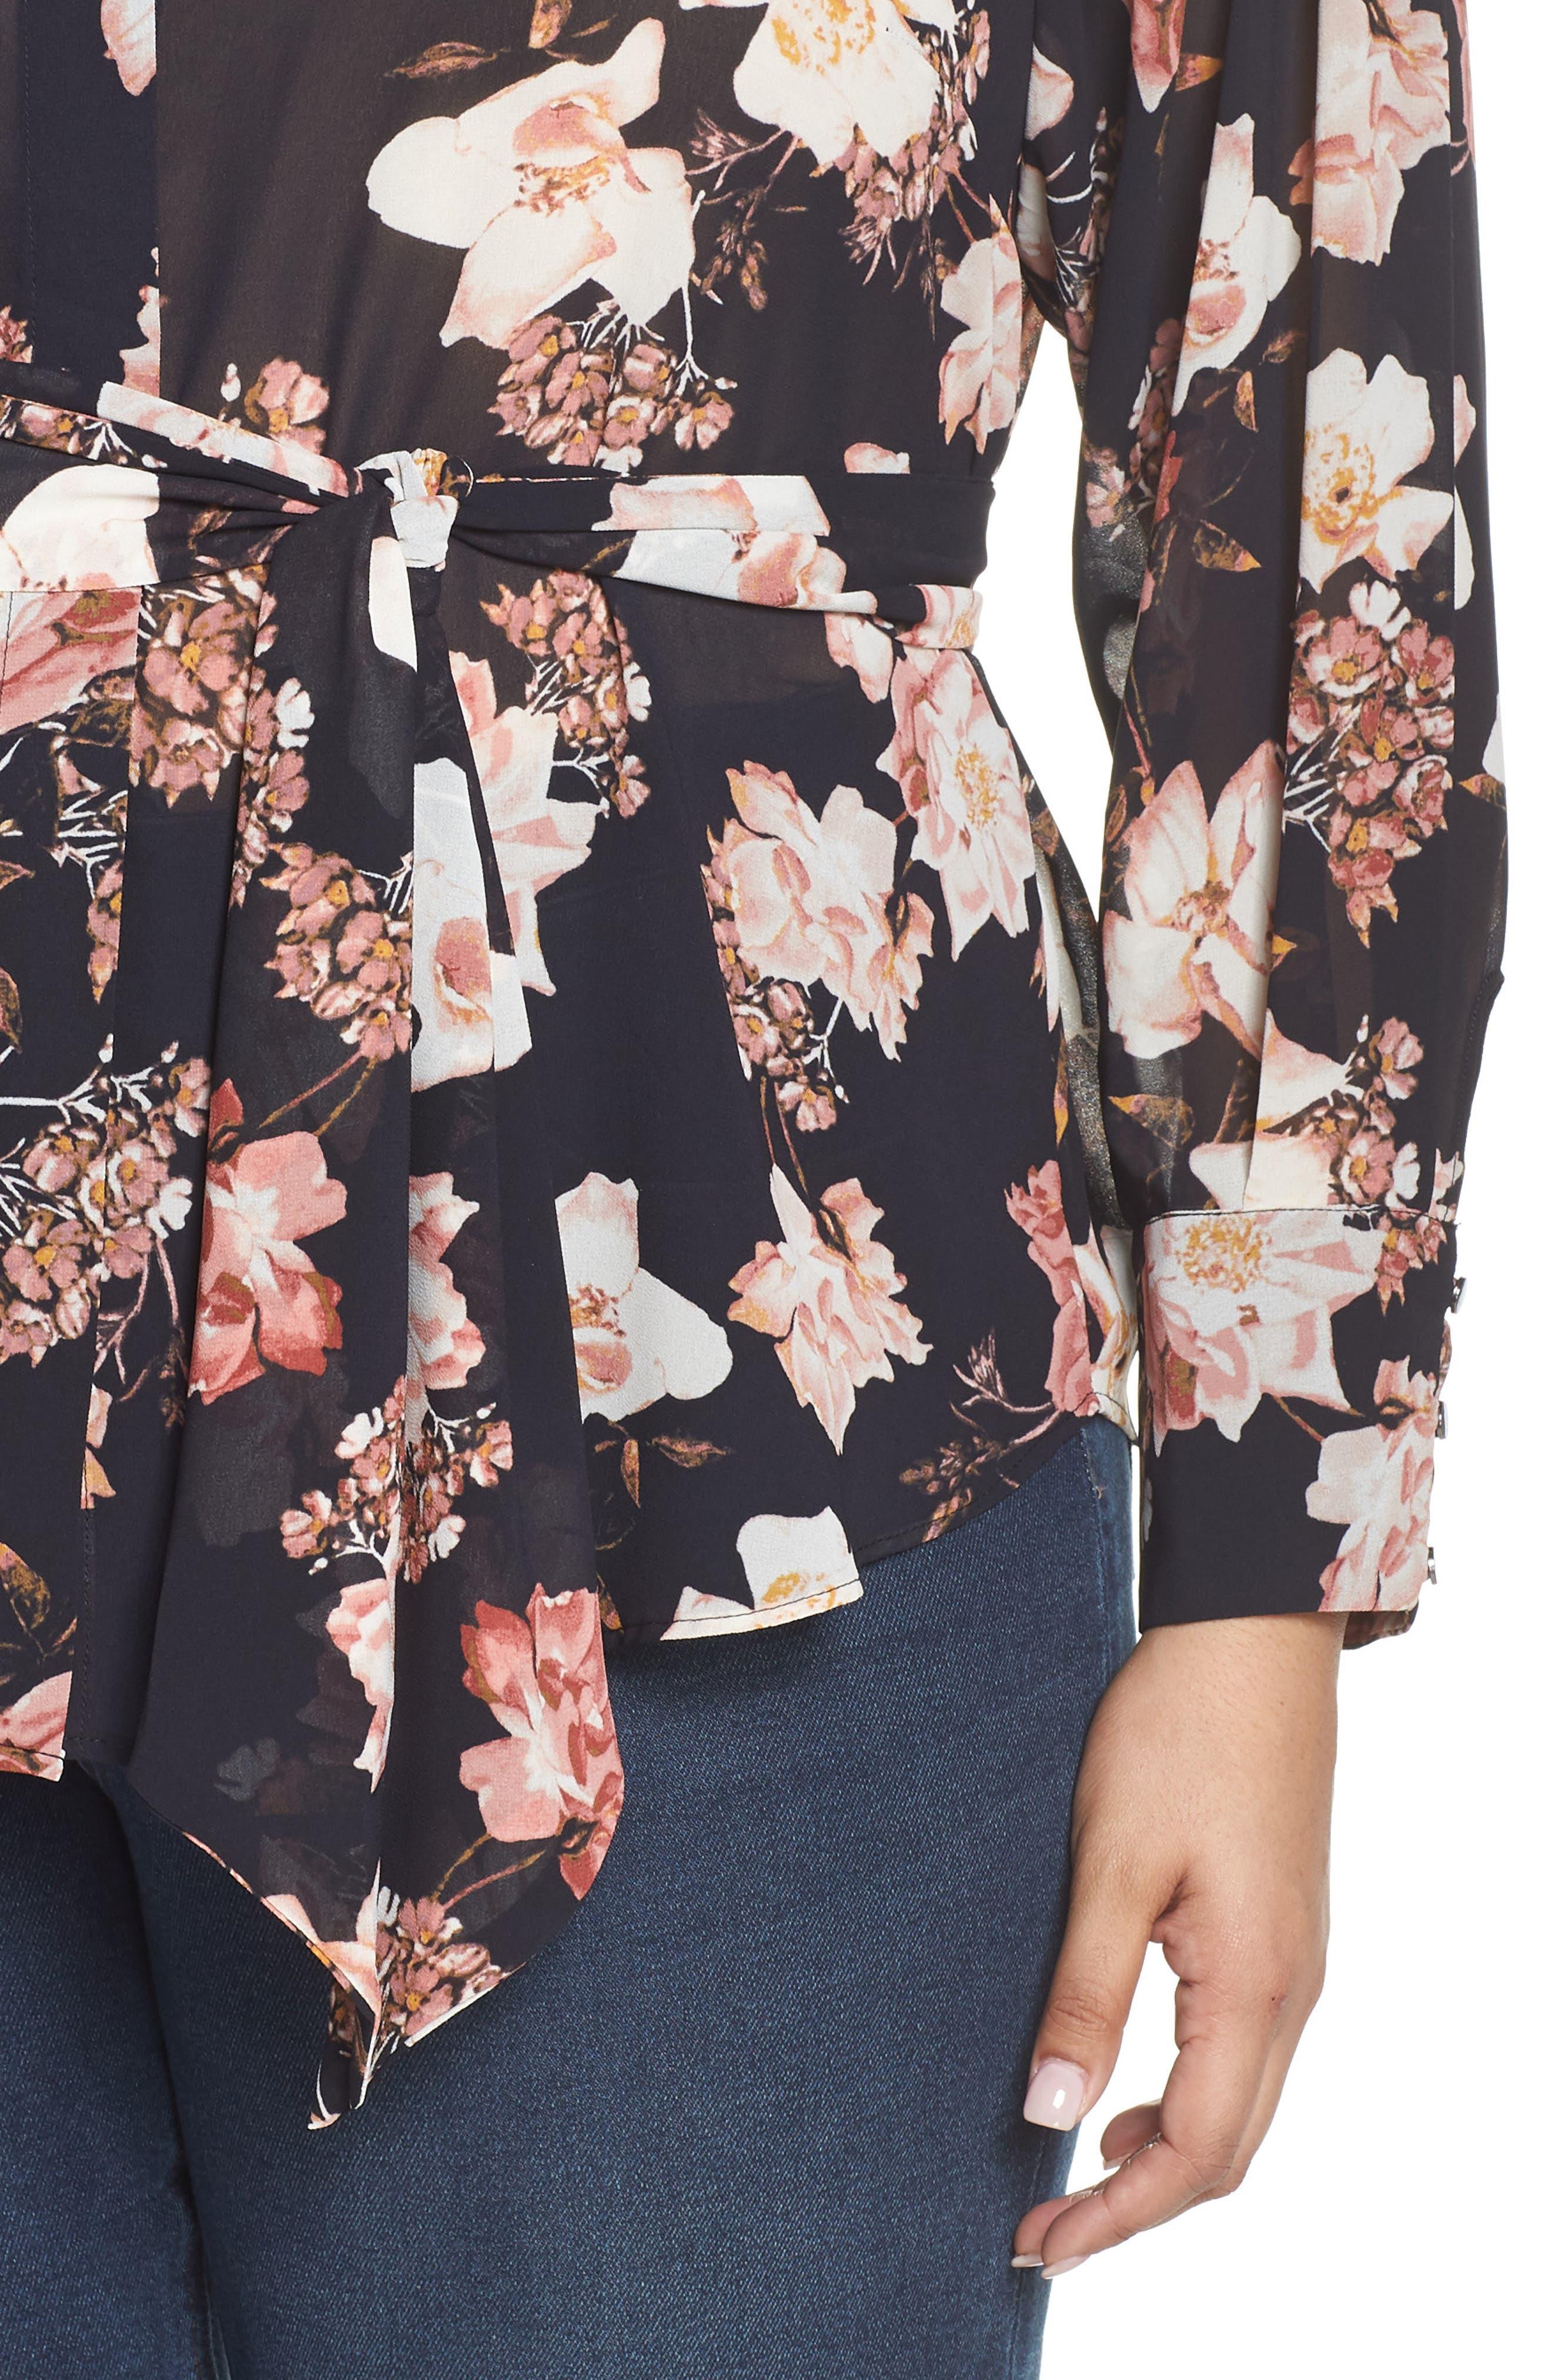 RACHEL ROY COLLECTION,                             Floral Tie Blouse,                             Alternate thumbnail 4, color,                             BLACK COMBO